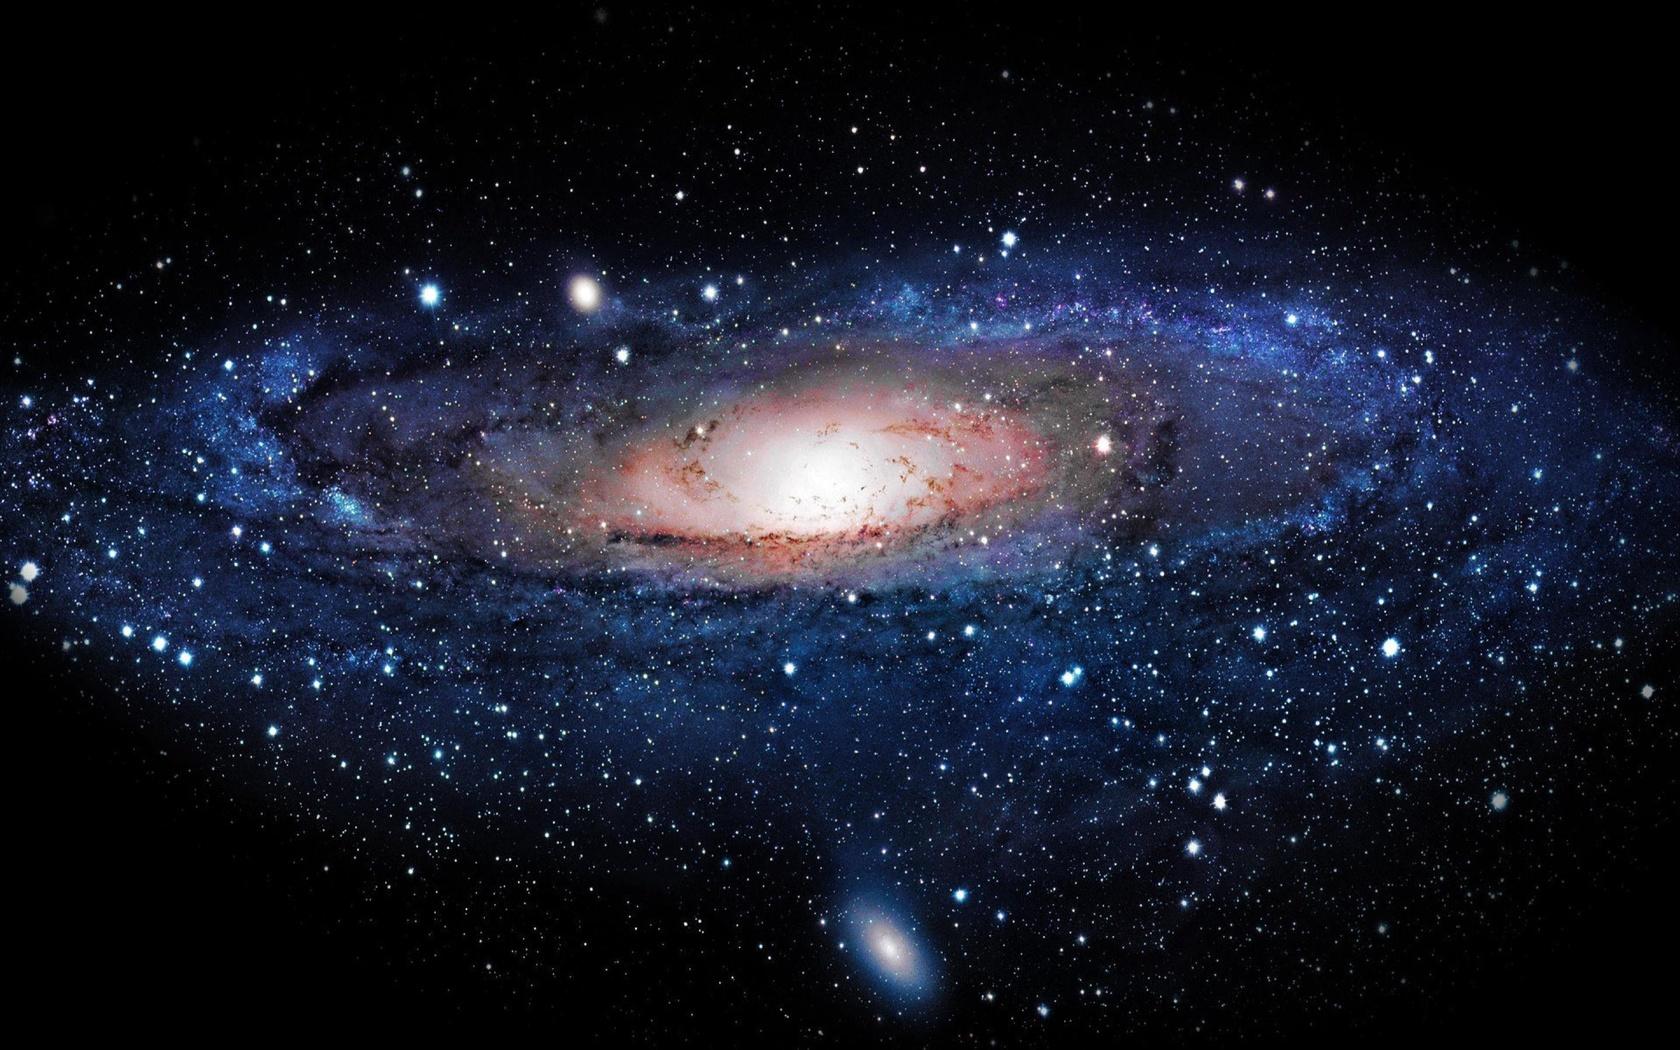 космос, звёзды, галактика